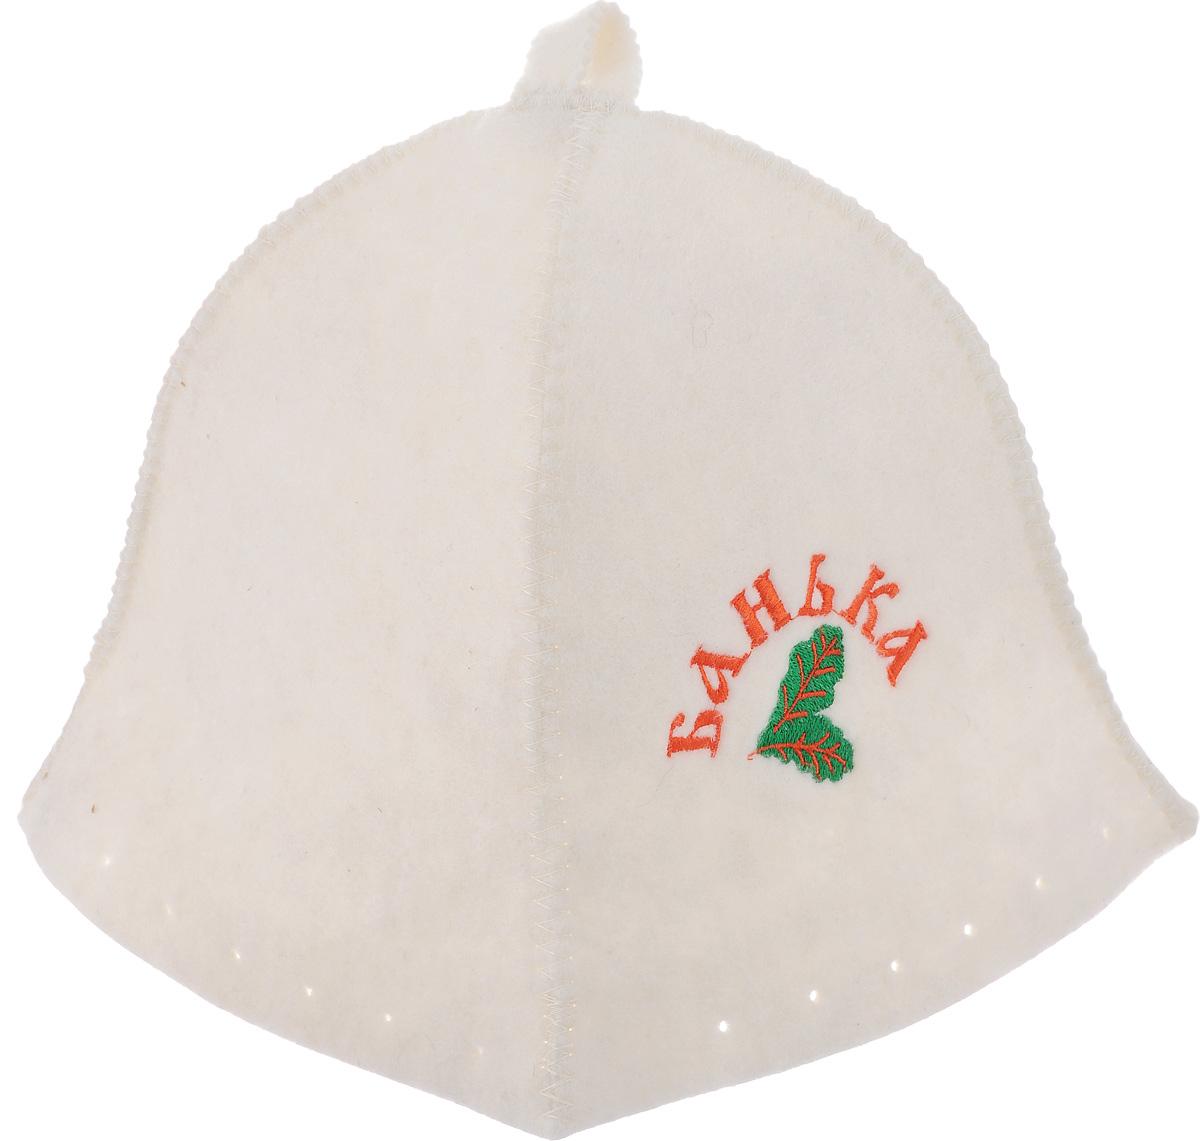 Шапка для бани и сауны Proffi Люкс. БанькаPS0043Банная шапка Proffi Люкс. Банька изготовлена из высококачественного войлока и декорирована изображением двух листьев и надписью Банька. Банная шапка - это незаменимый аксессуар для любителей попариться в русской бане и для тех, кто предпочитает сухой жар финской бани. Кроме того, шапка защитит волосы от сухости и ломкости, голову от перегрева и предотвратит появление головокружения. На шапке имеется петелька, с помощью которой ее можно повесить на крючок в предбаннике. Такая шапка станет отличным подарком для любителей отдыха в бане или сауне.Обхват головы: 74 см.Высота шапки: 24 см.